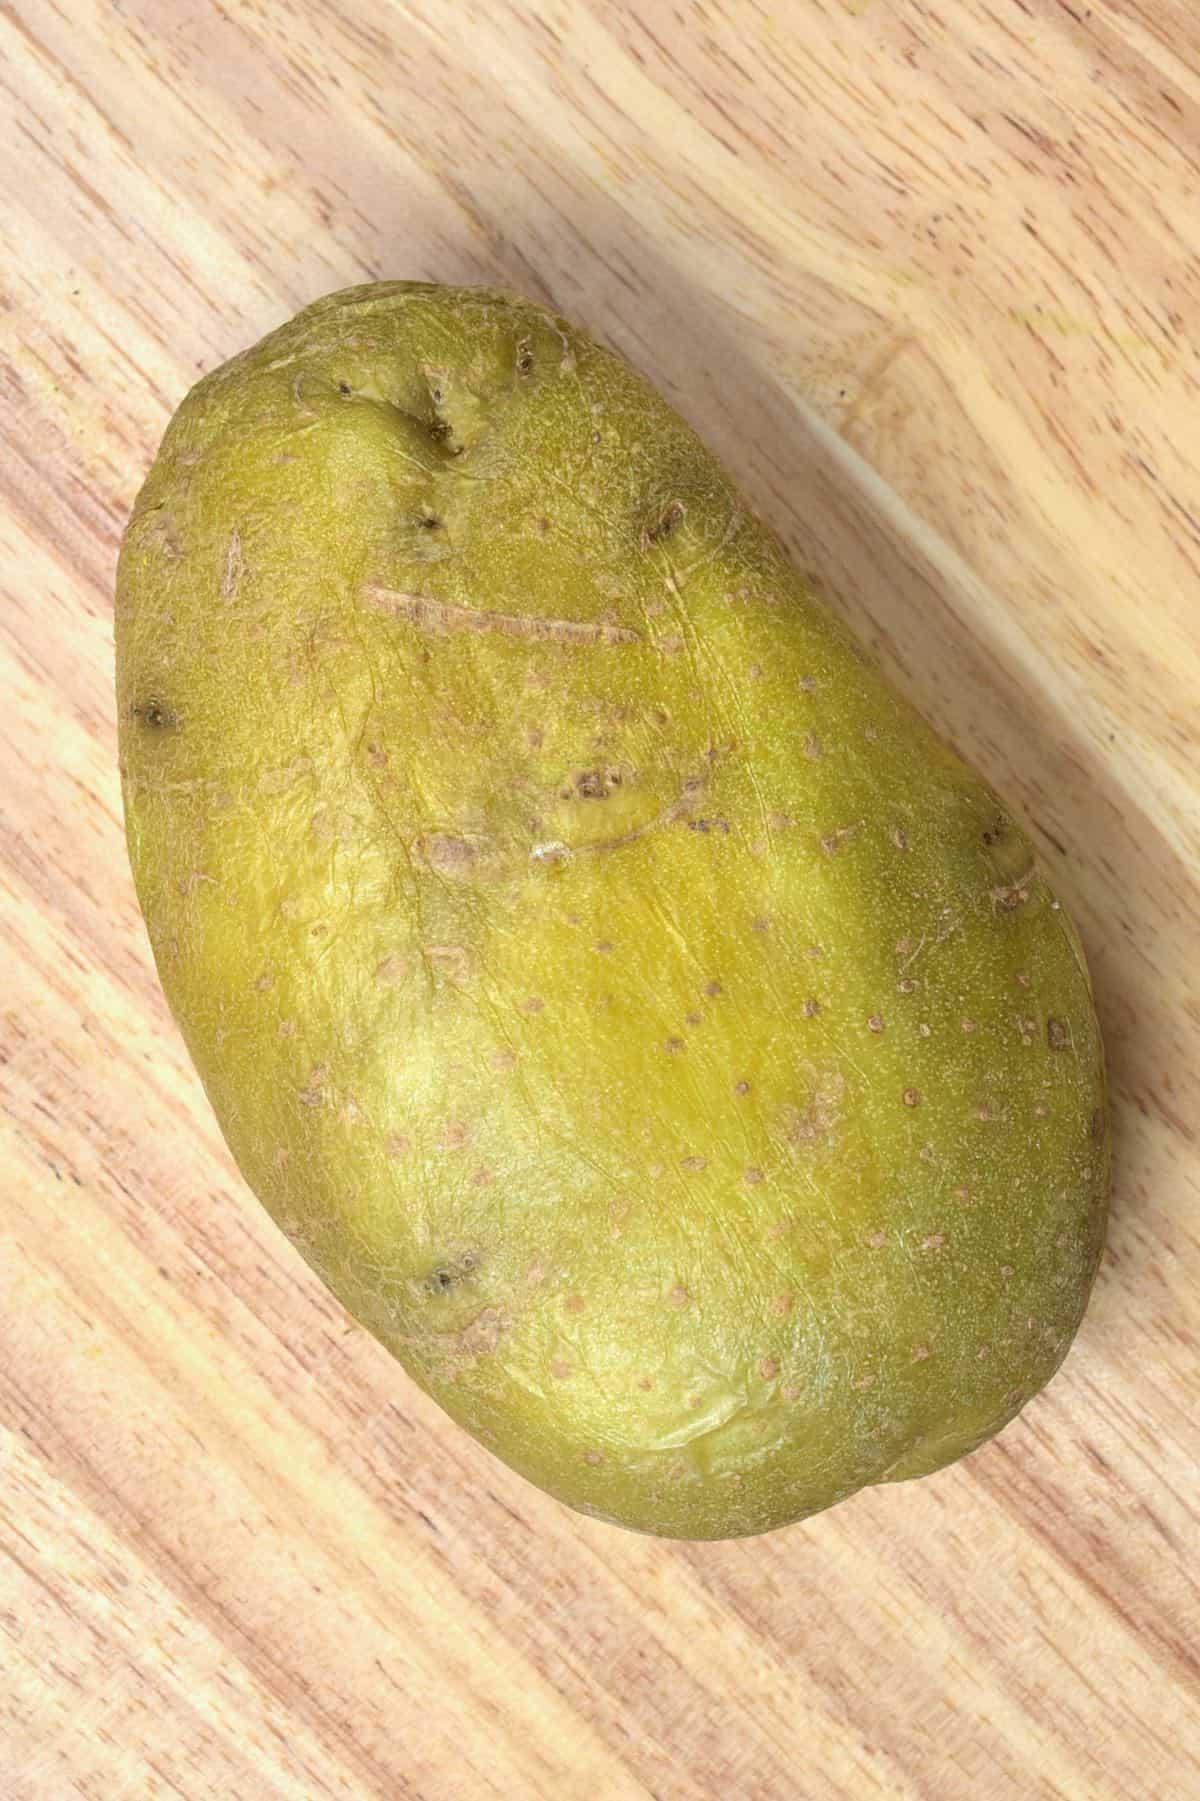 One large potato